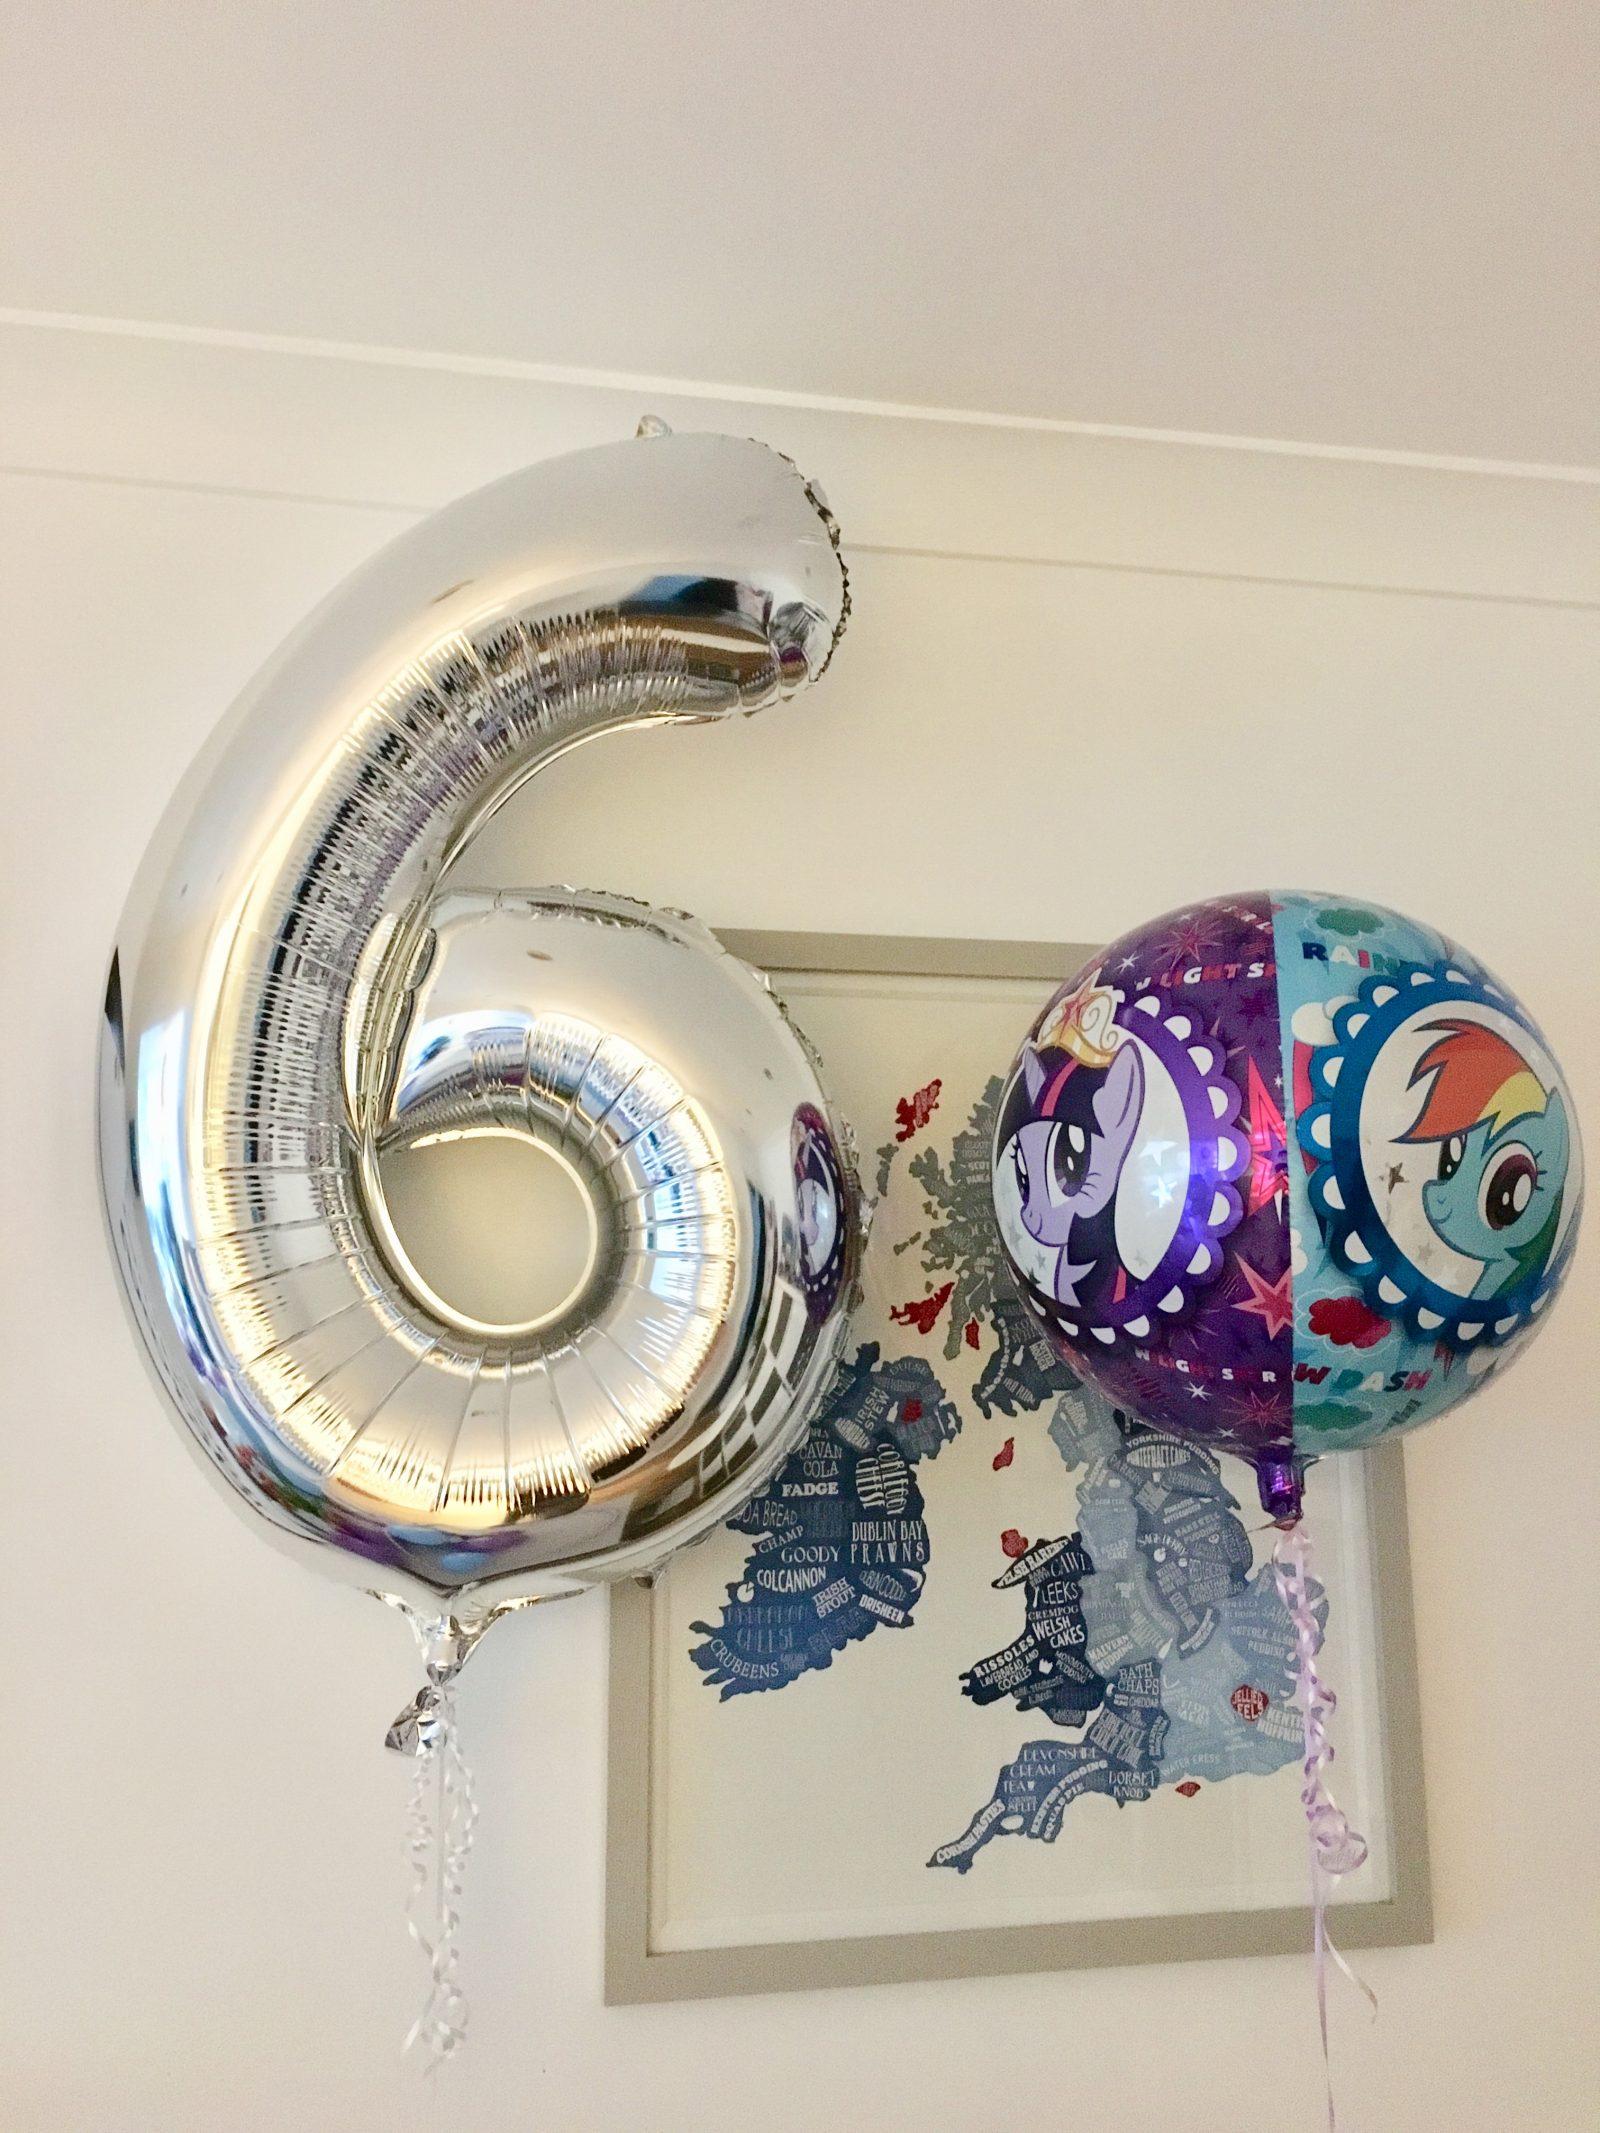 silver age 6 balloon